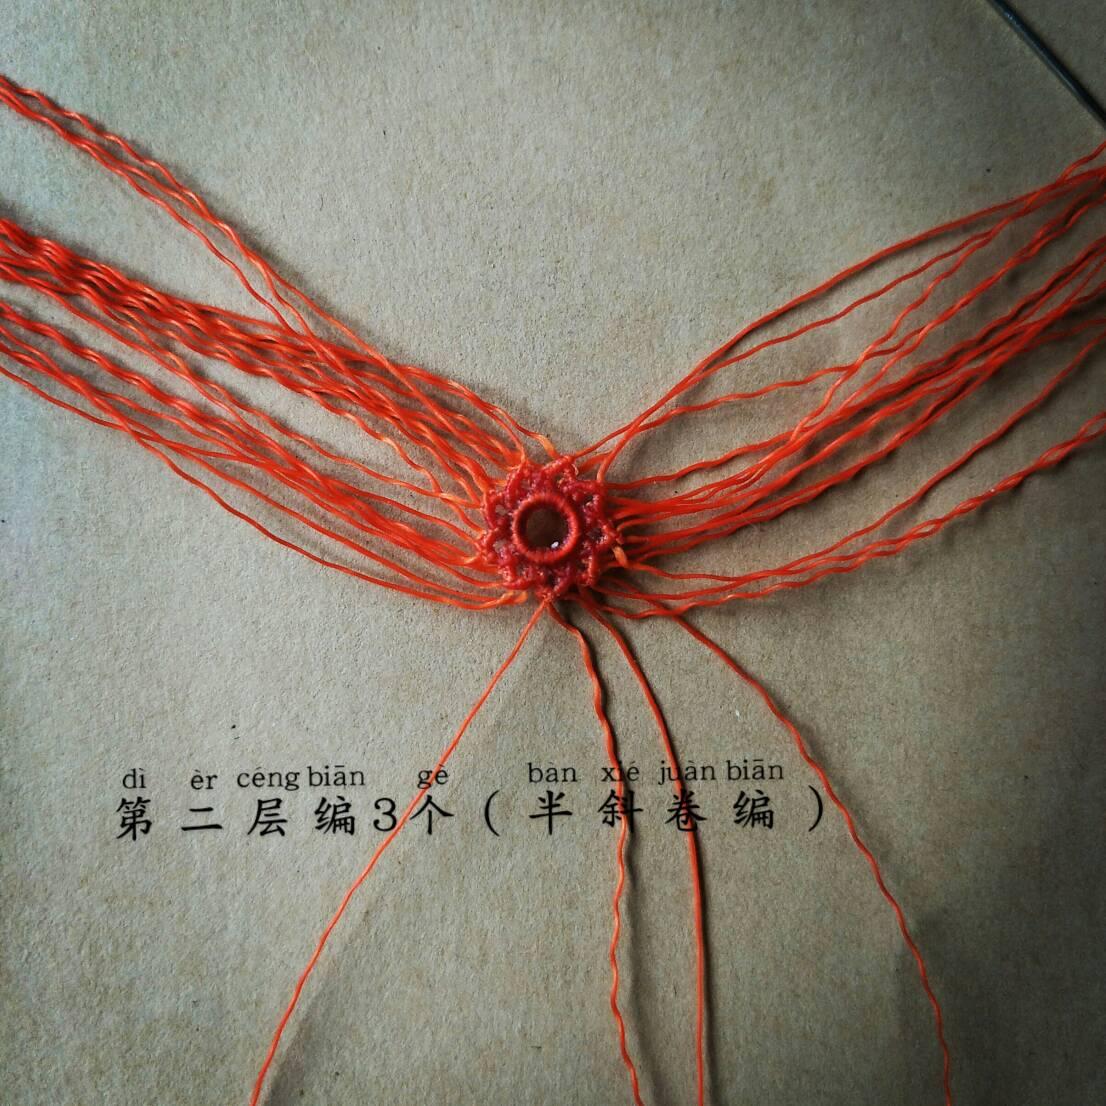 中国结论坛 捕梦网教程  图文教程区 154905sv53bfrva3559db9